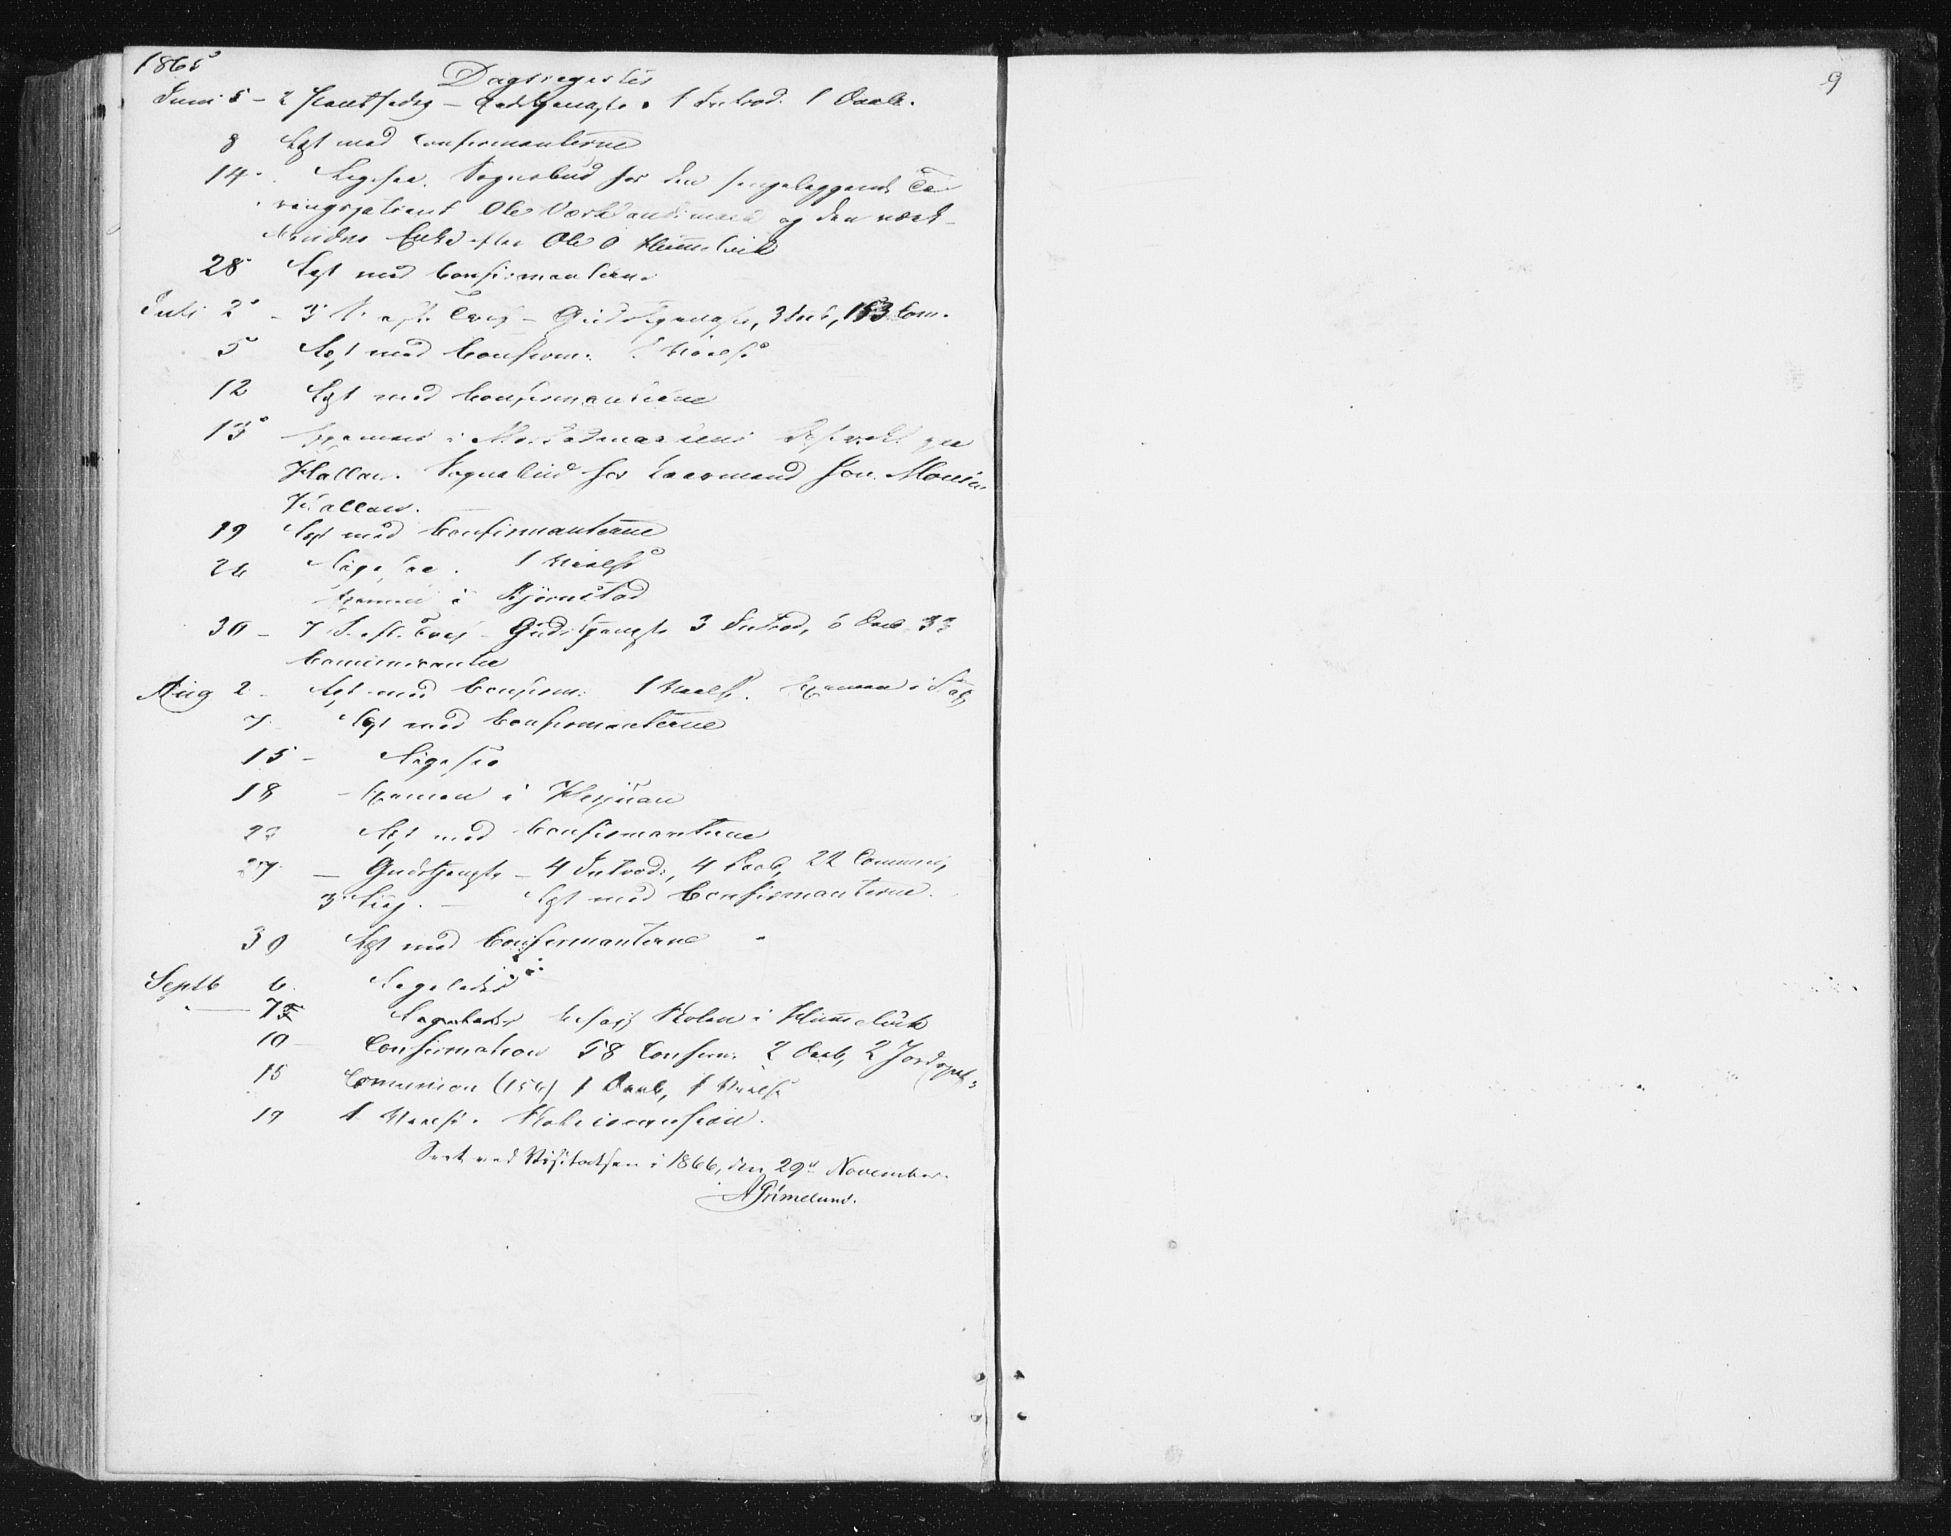 SAT, Ministerialprotokoller, klokkerbøker og fødselsregistre - Sør-Trøndelag, 616/L0408: Ministerialbok nr. 616A05, 1857-1865, s. 9